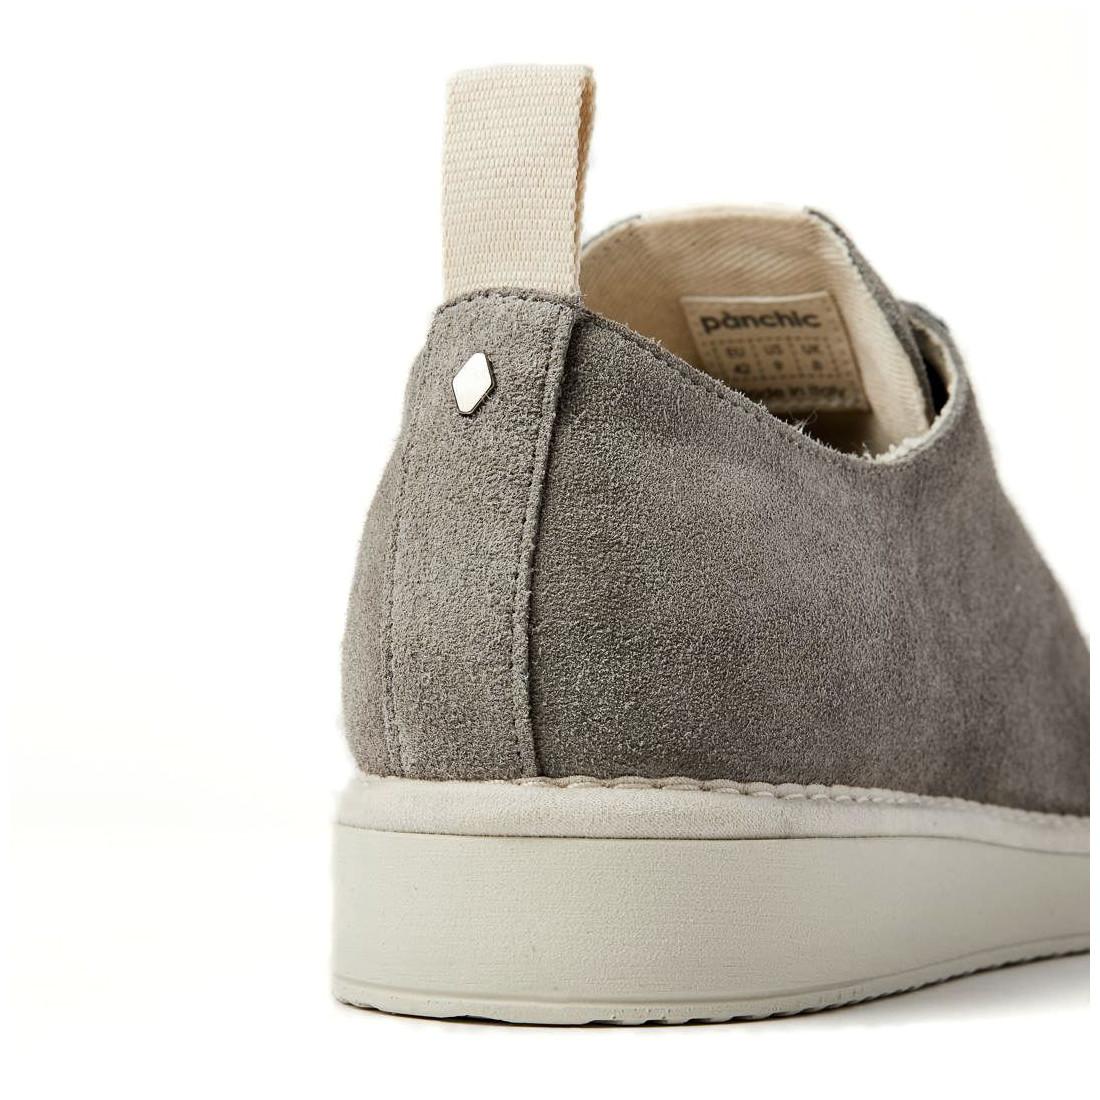 sneakers man panchic p01m14001s8c90002 8705